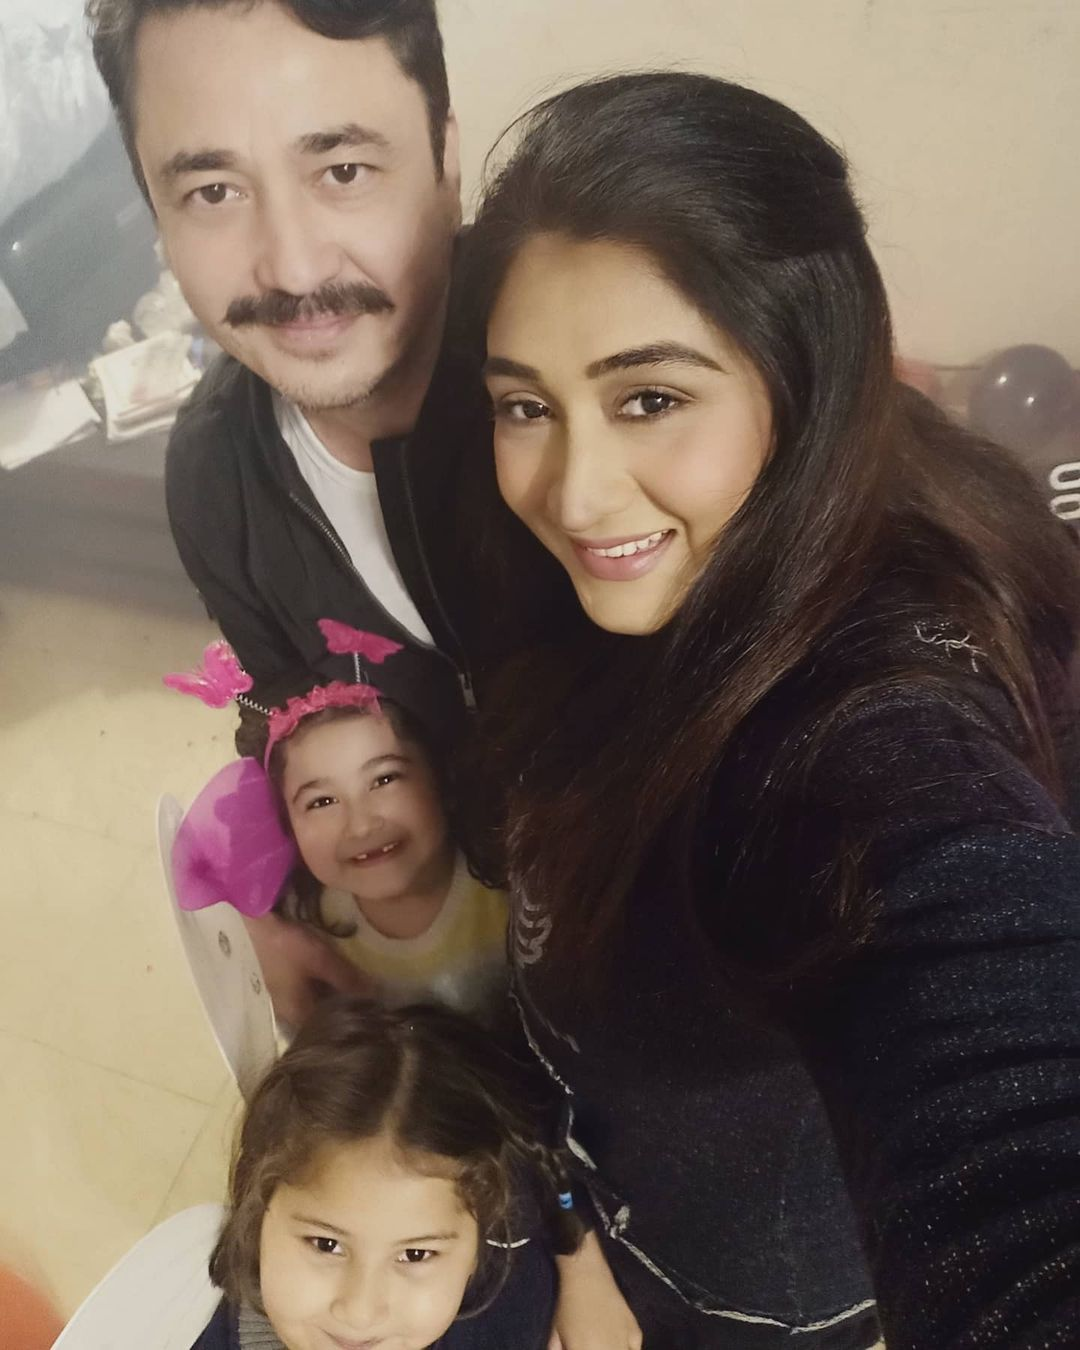 Latest Clicks of Madiha Rizvi with her Family